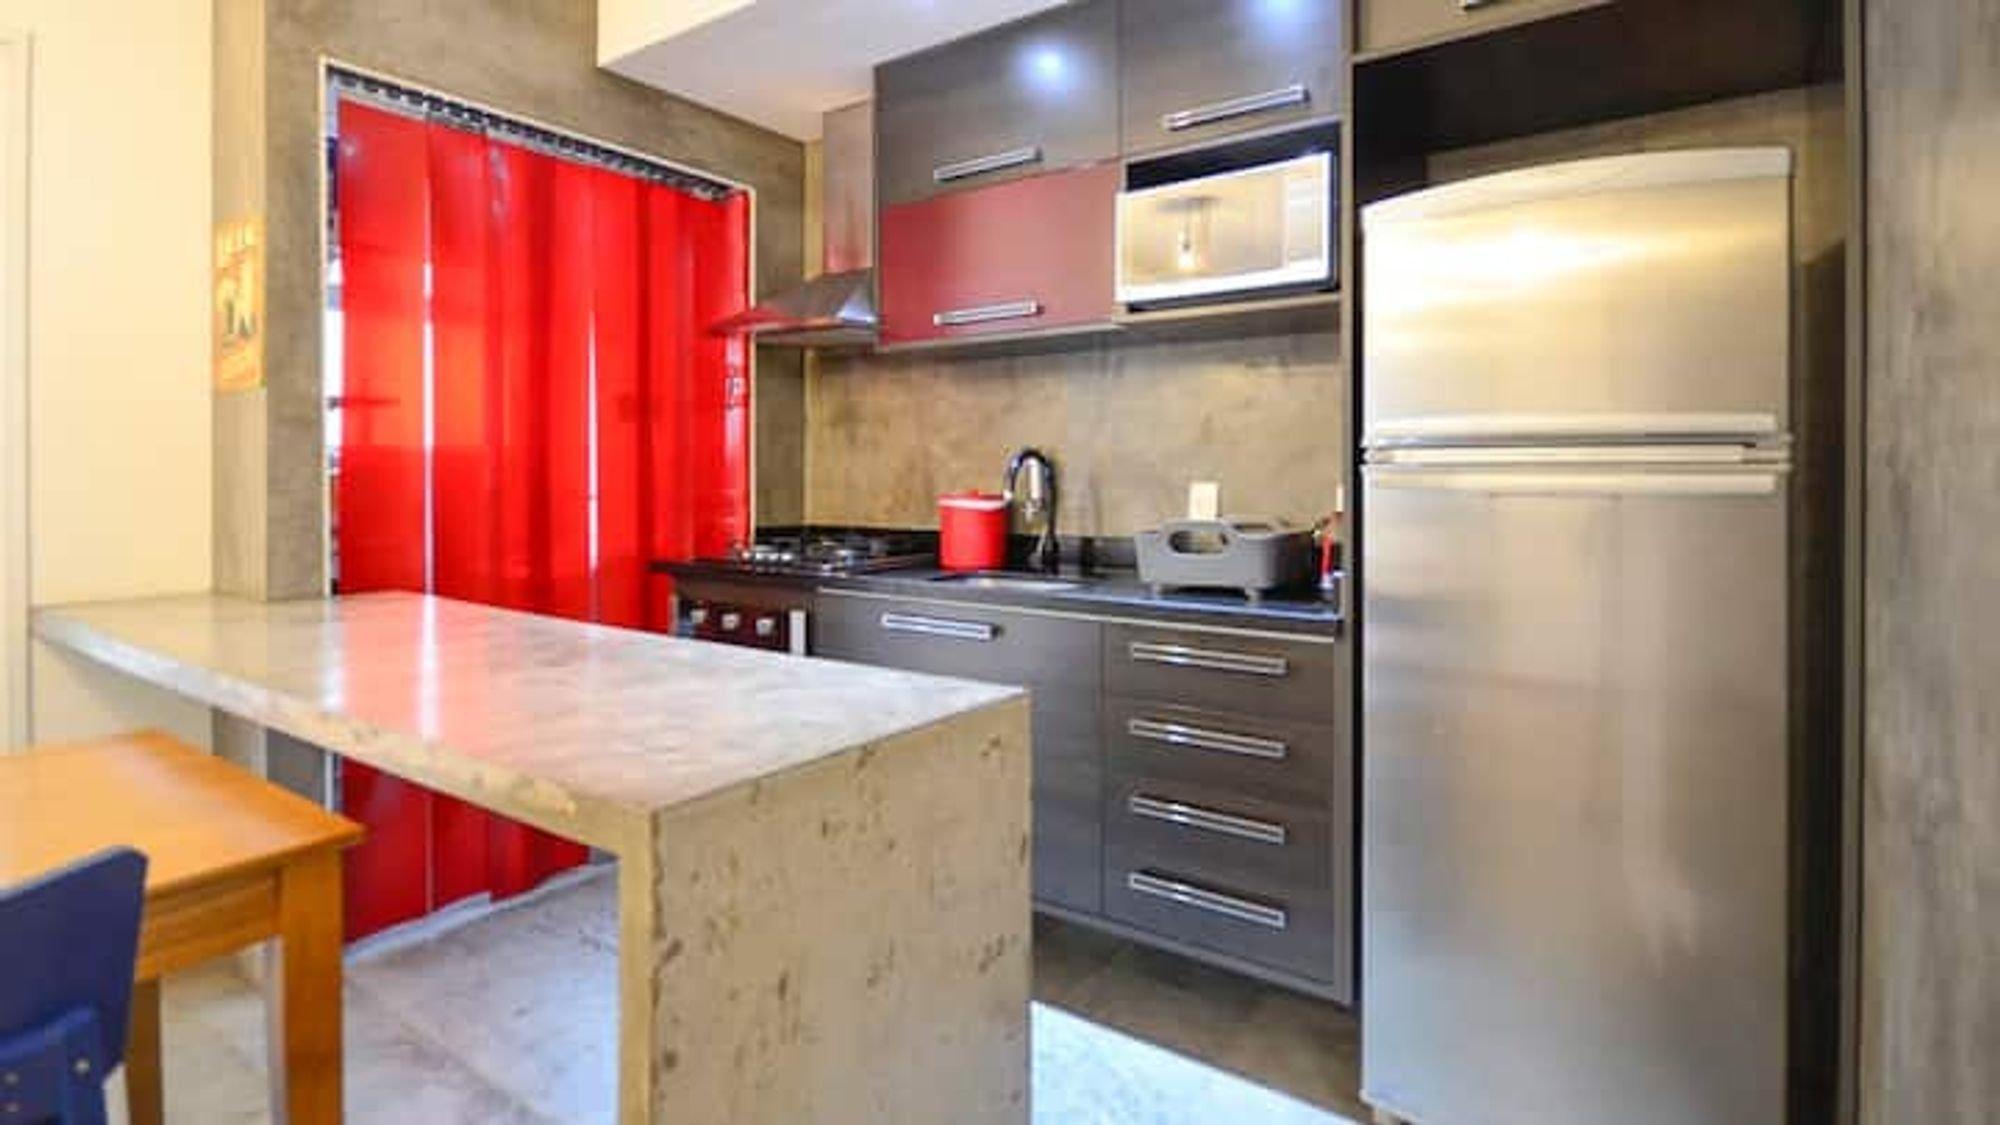 Foto de Cozinha com geladeira, cadeira, xícara